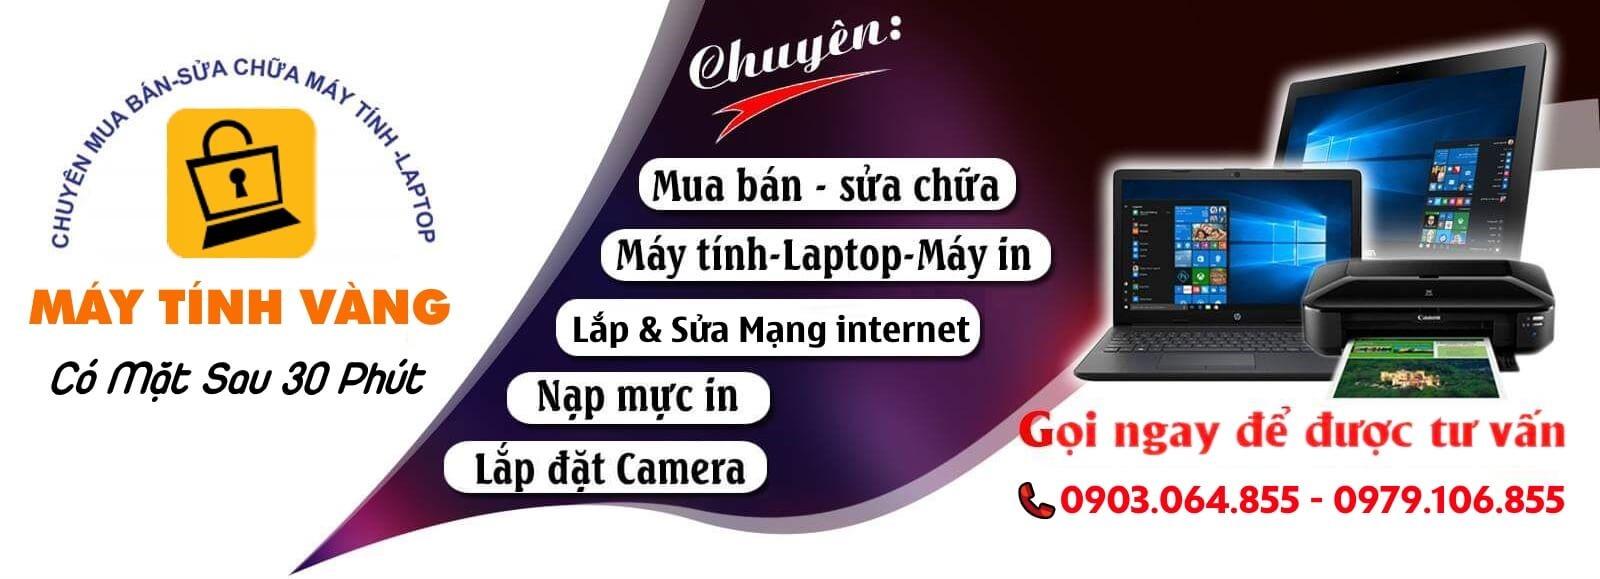 Sửa laptop Thủ Đức: nhanh, rẻ, uy tín nhất Hồ Chí Minh